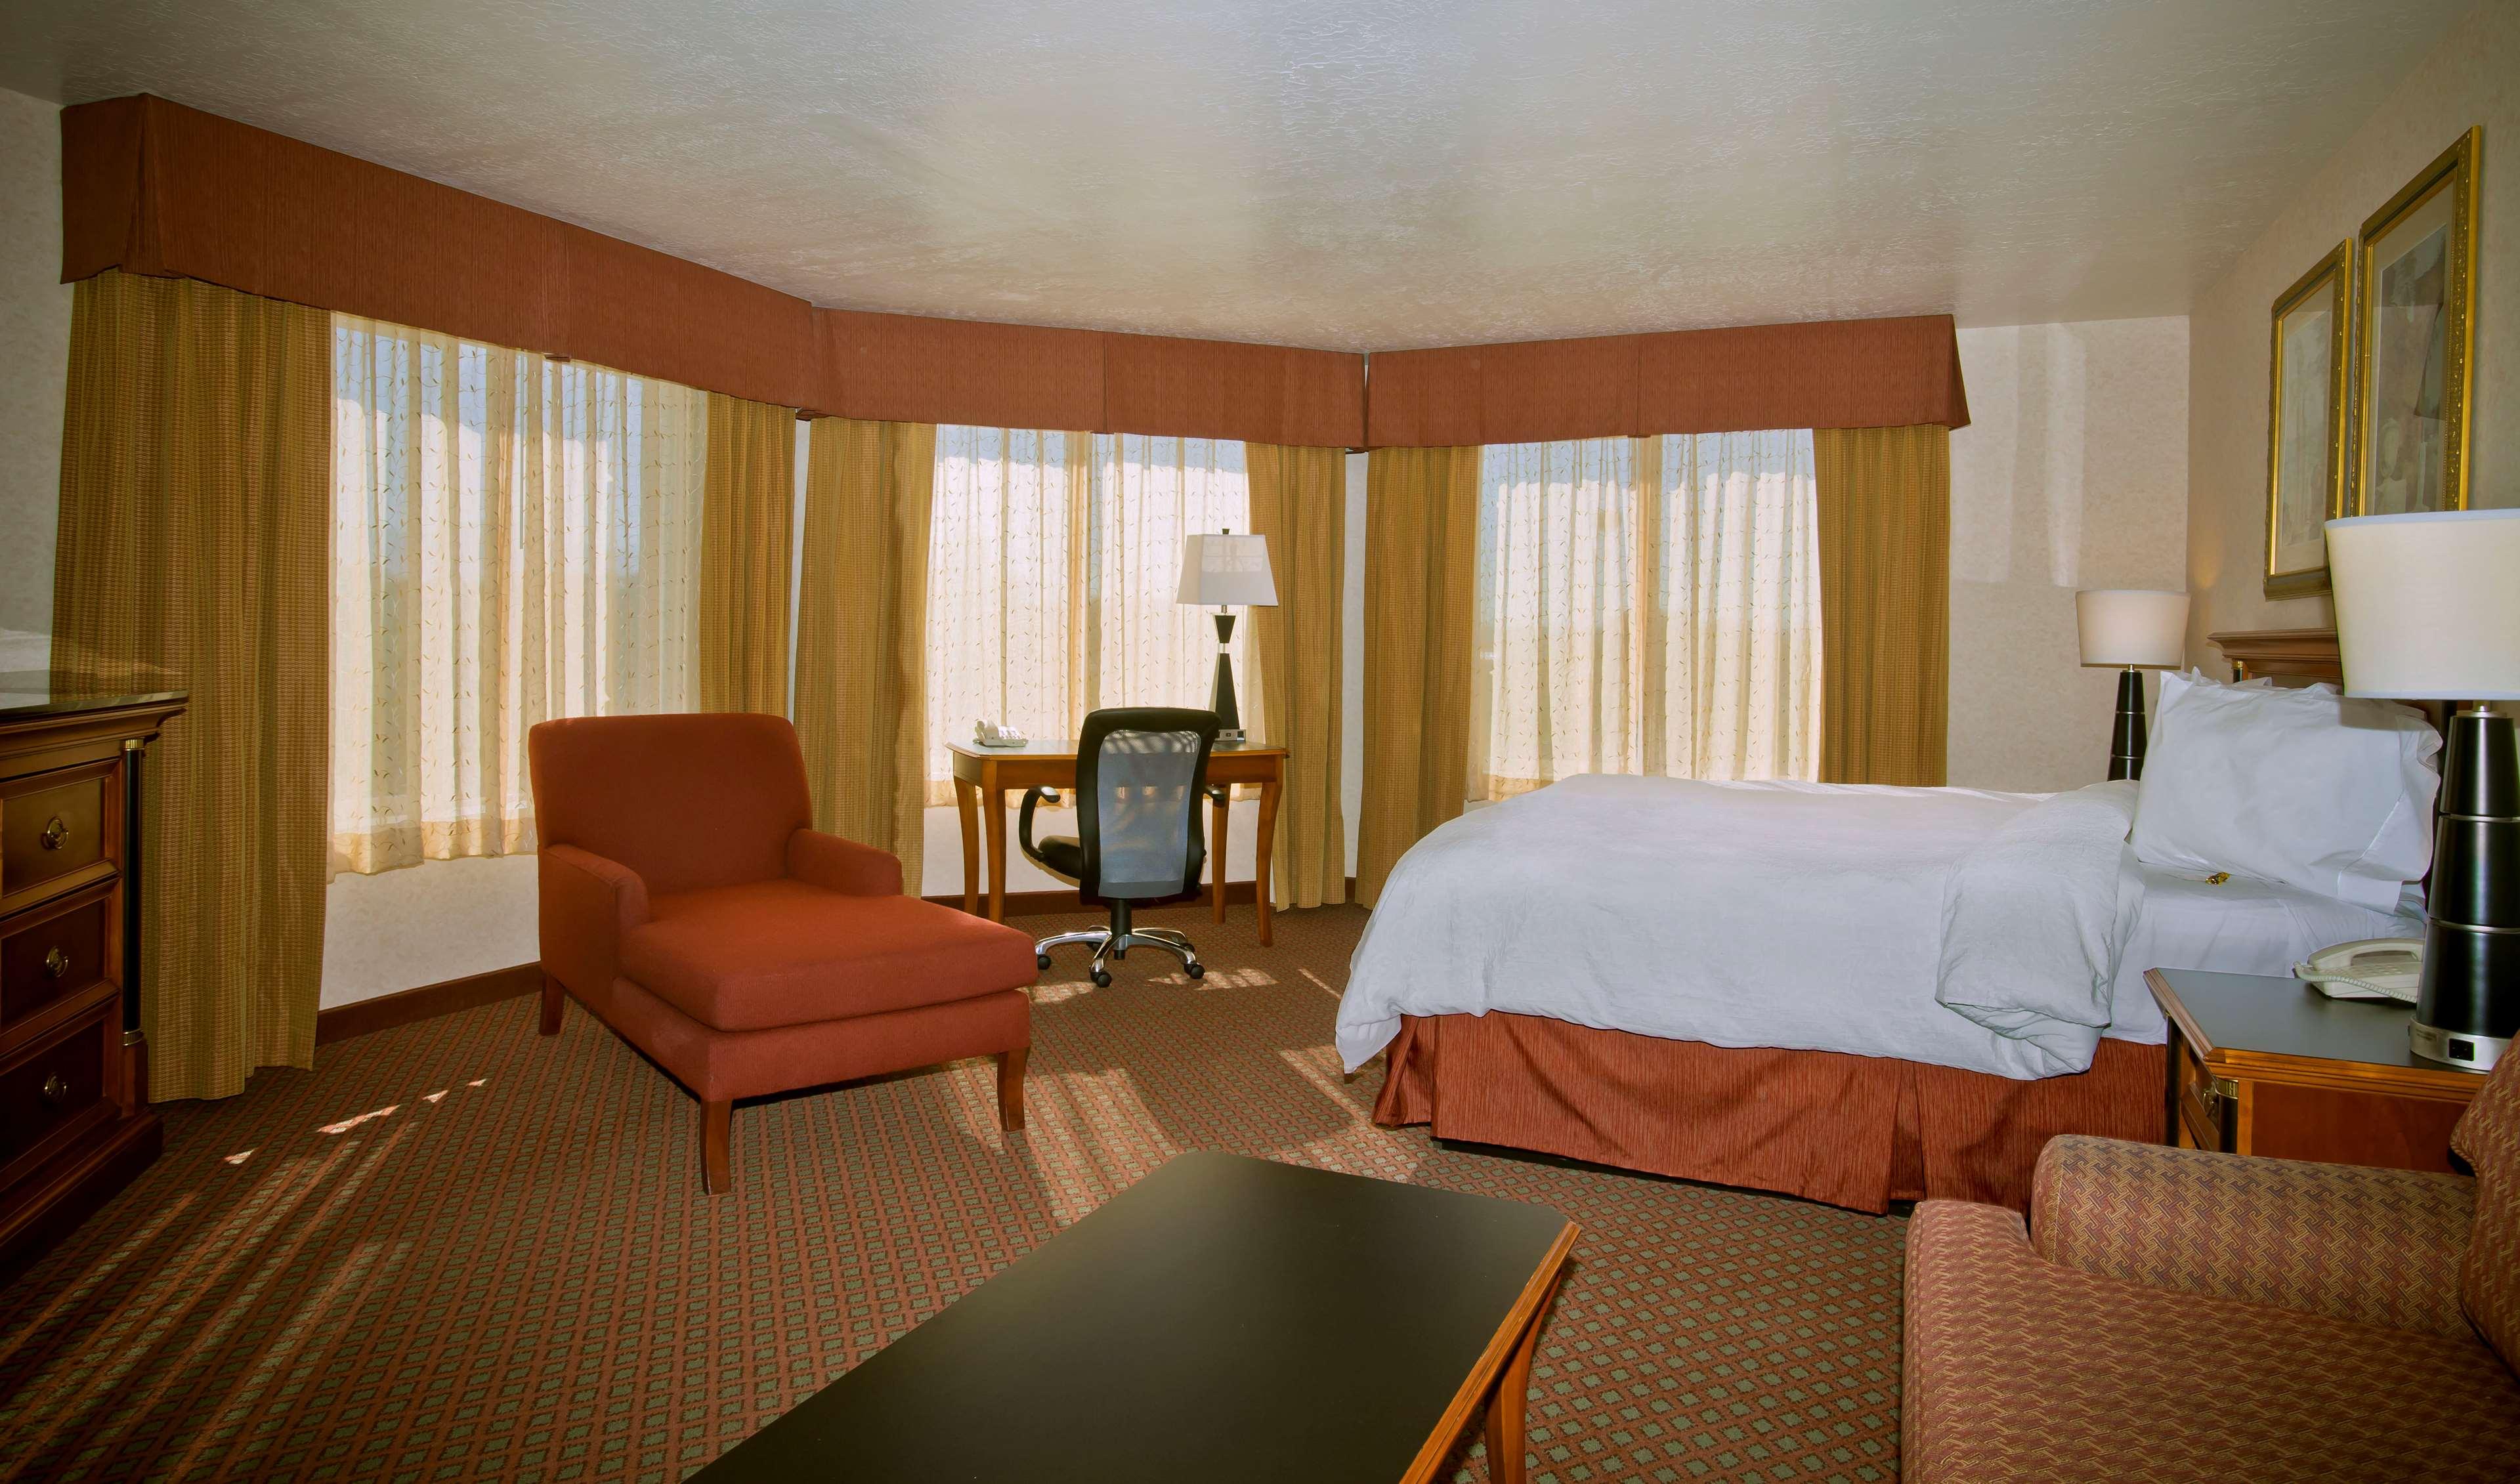 Hampton Inn & Suites Salt Lake City Airport image 17